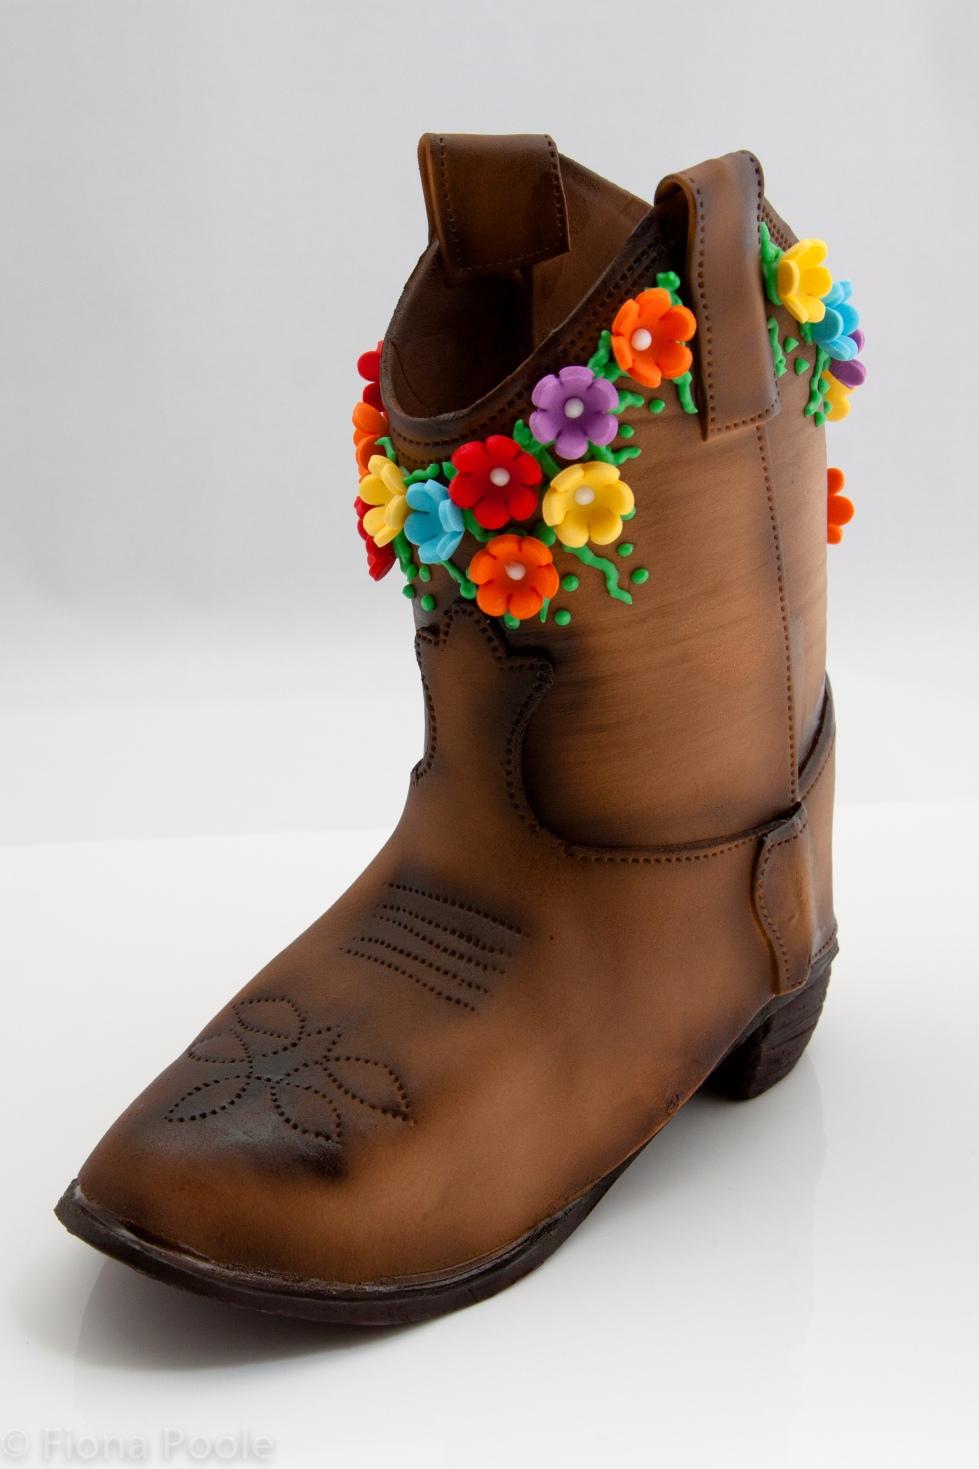 Cowboy boot gum paste topper